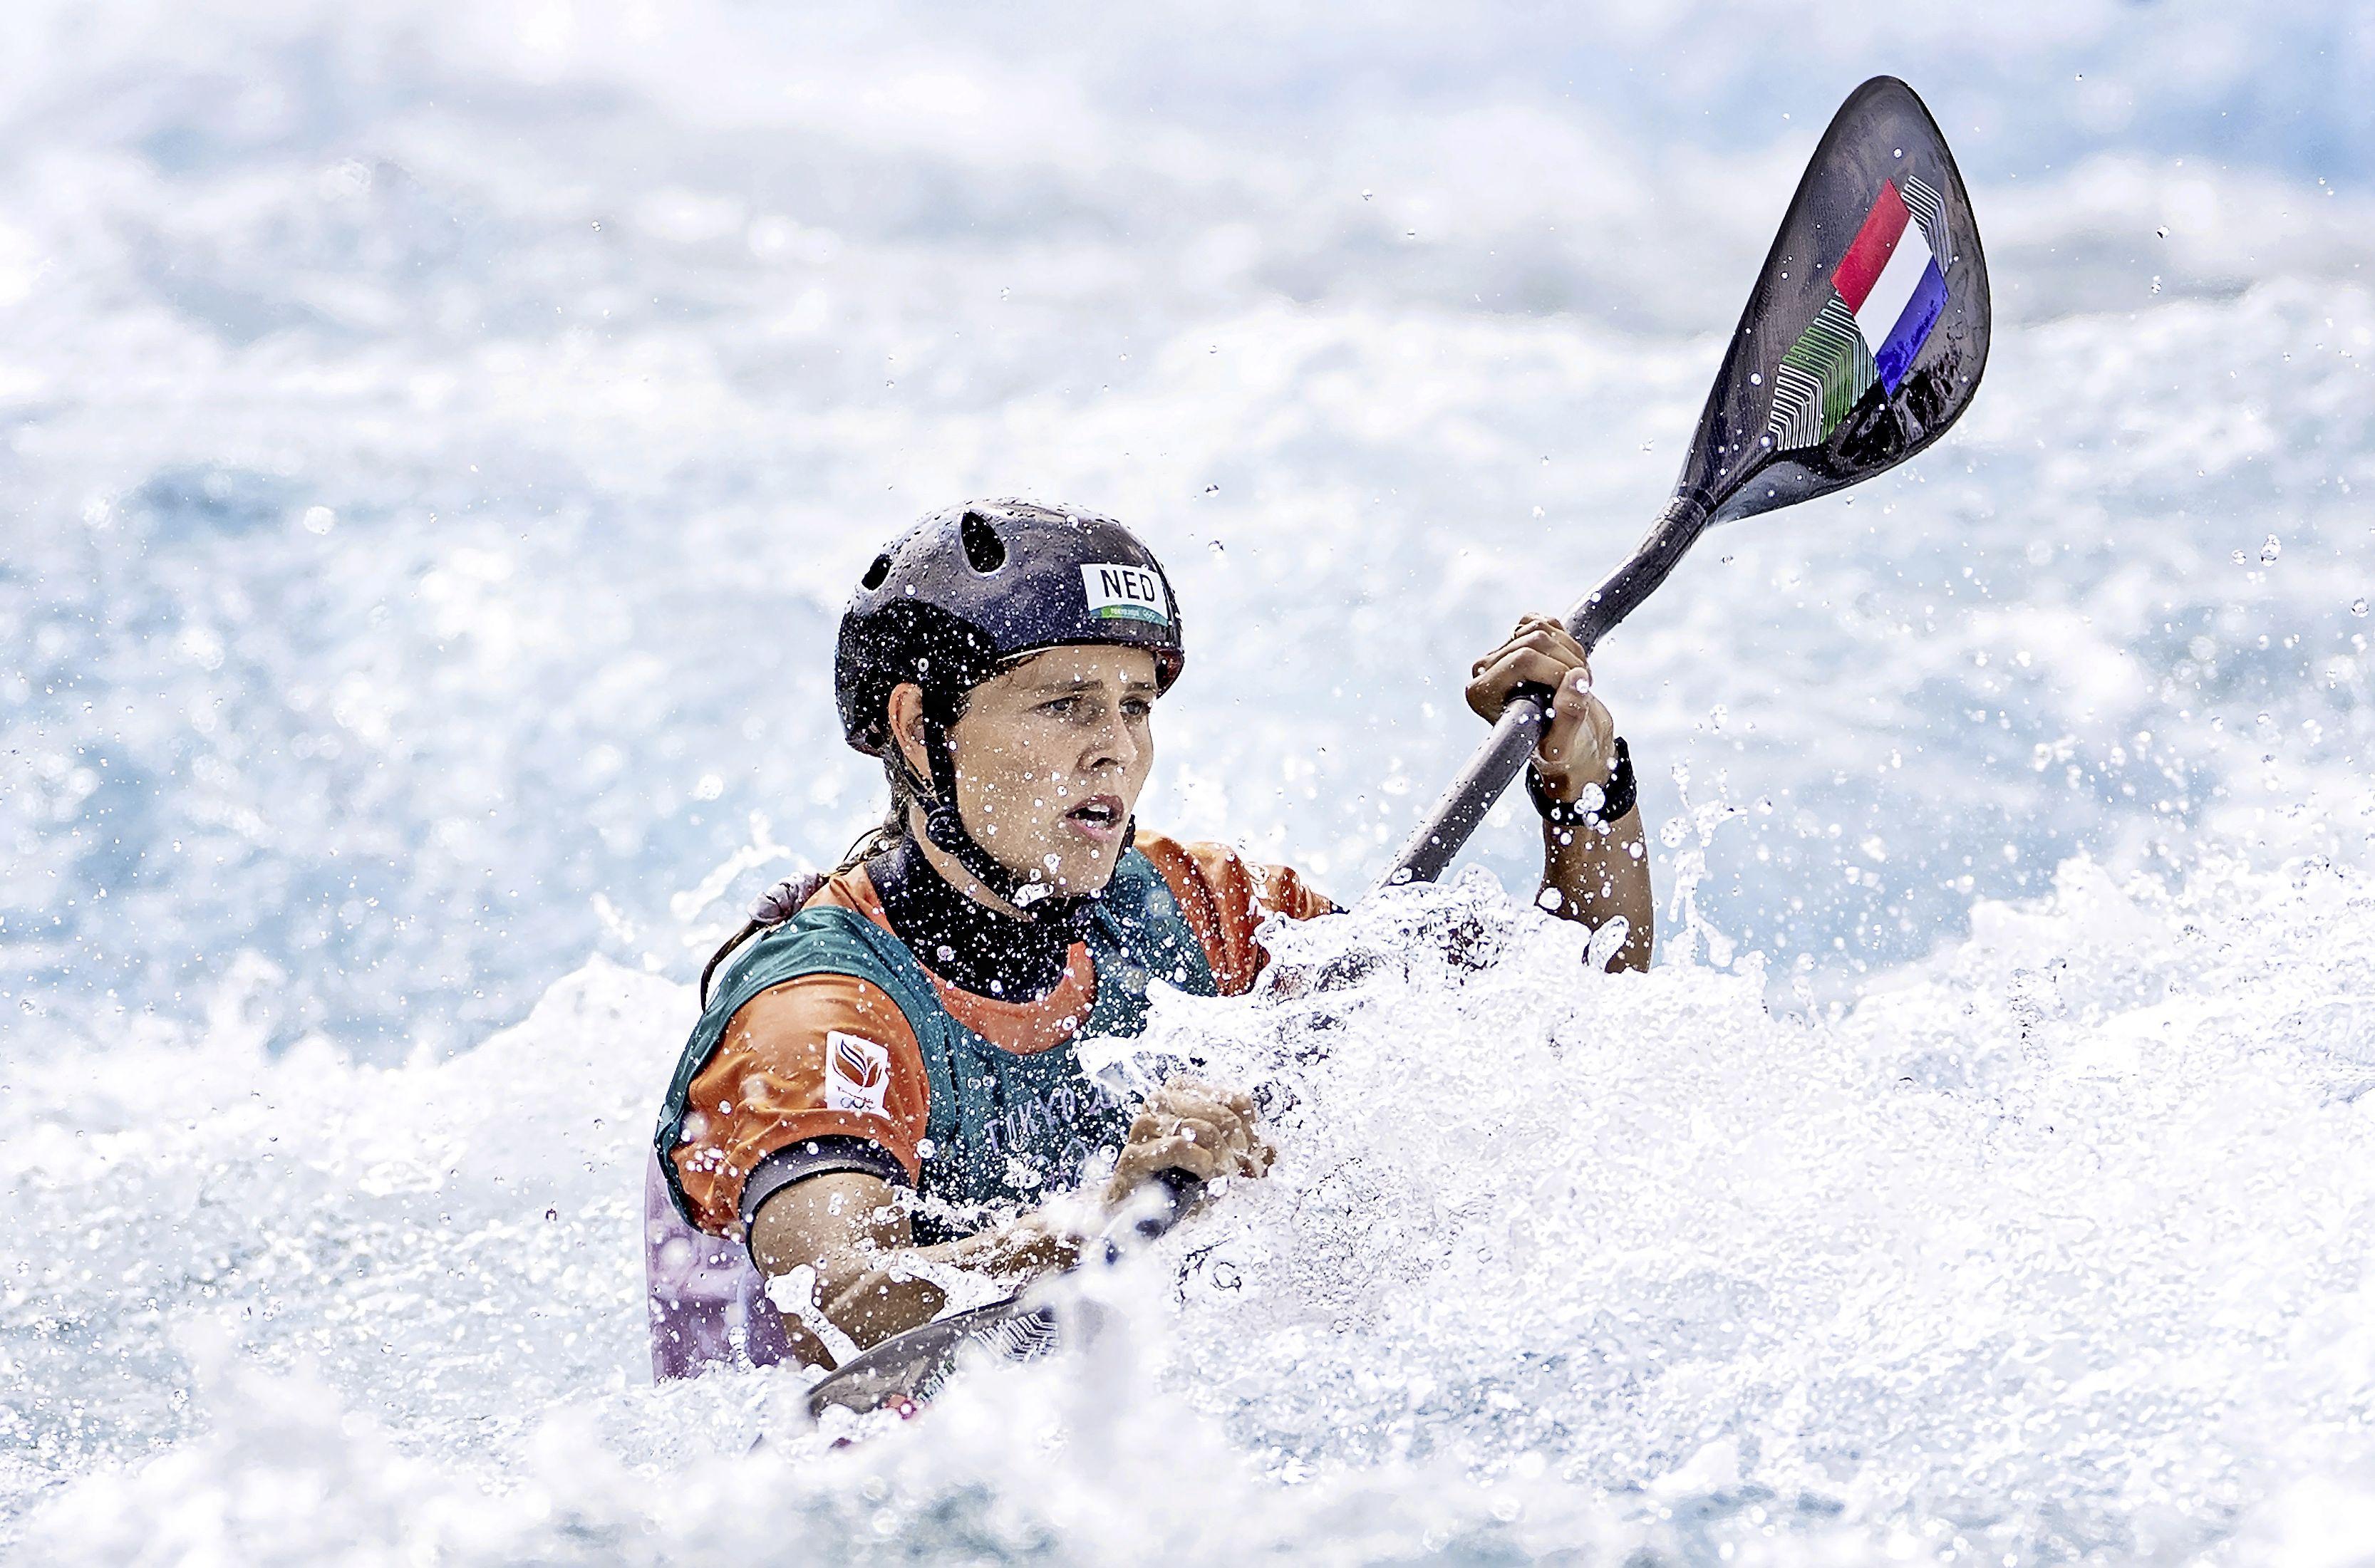 Kanoslalomster Wegman zoekt ook op de Spelen uitdaging: 'Het is mijn doel om ook echt bij de top te gaan horen'